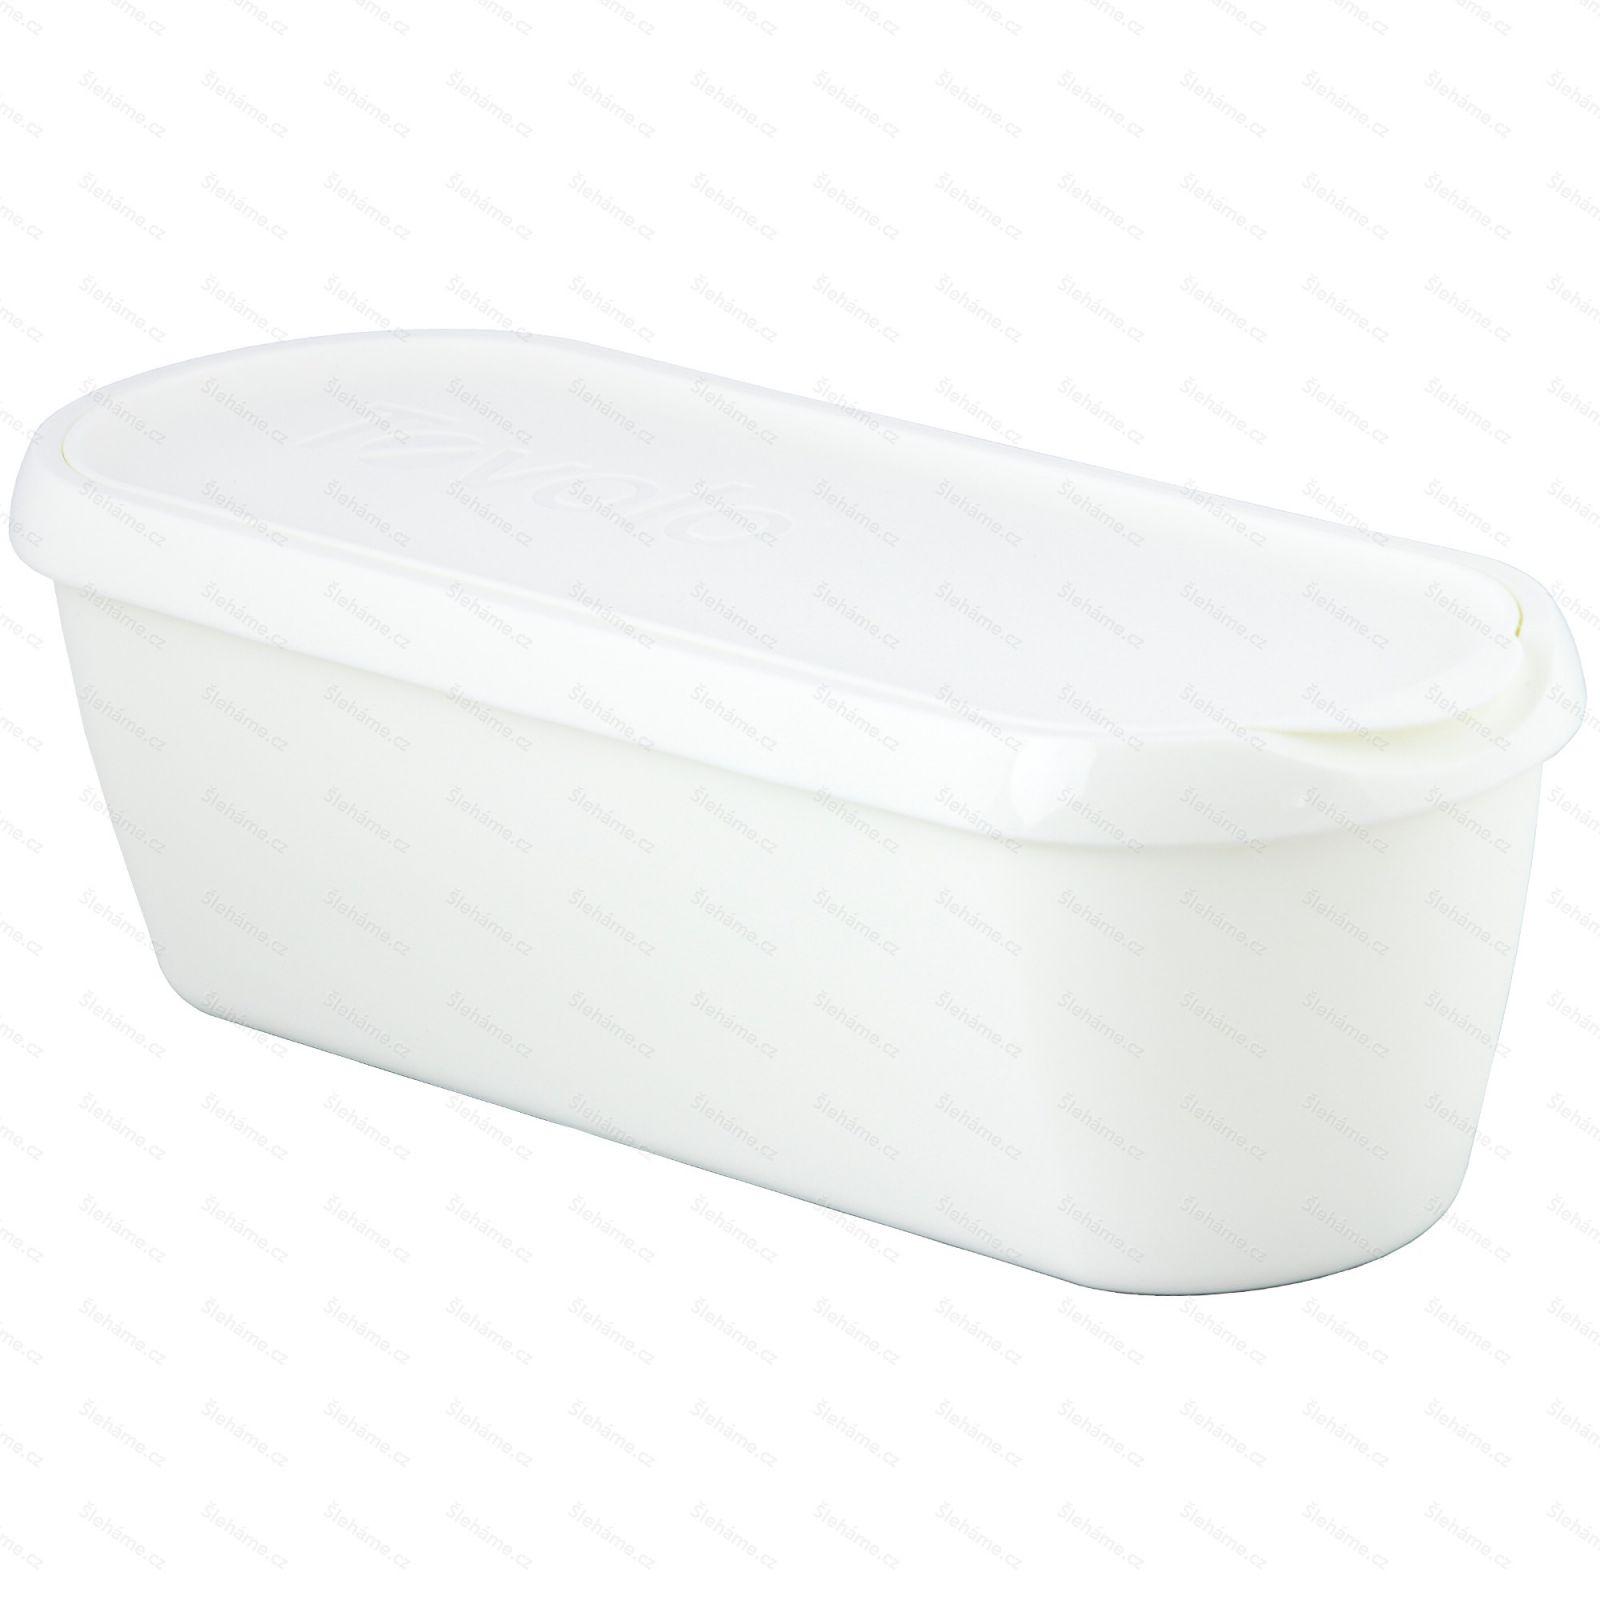 Vanička na zmrzlinu Tovolo GLIDE-A-SCOOP 2.4 l, bílá